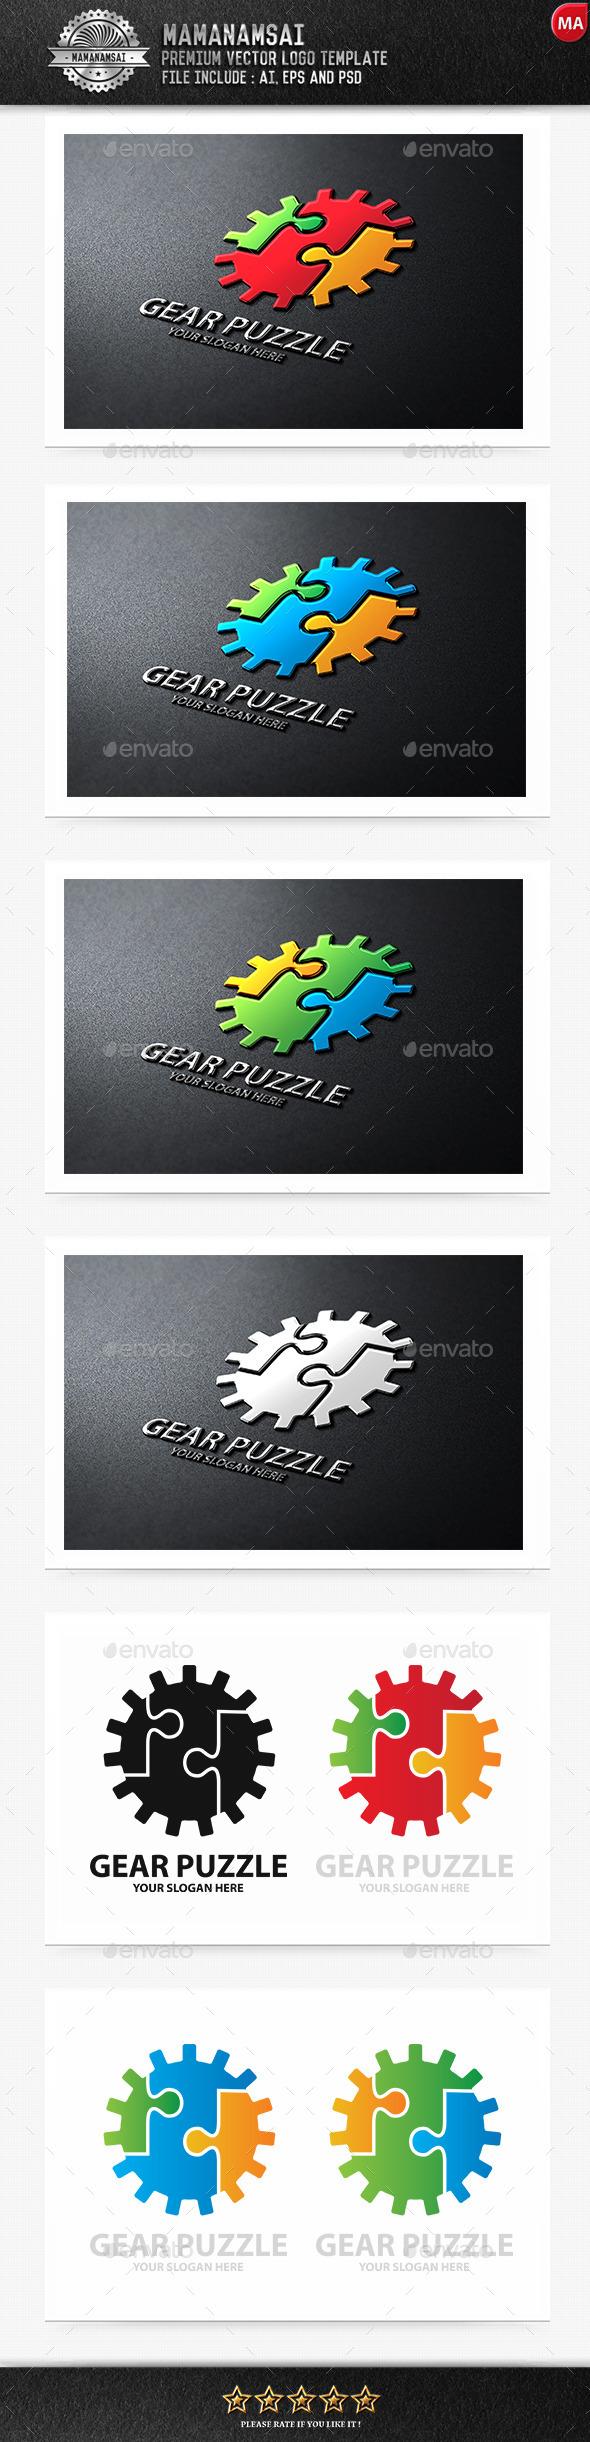 GraphicRiver Gear Puzzle Logo 9672608